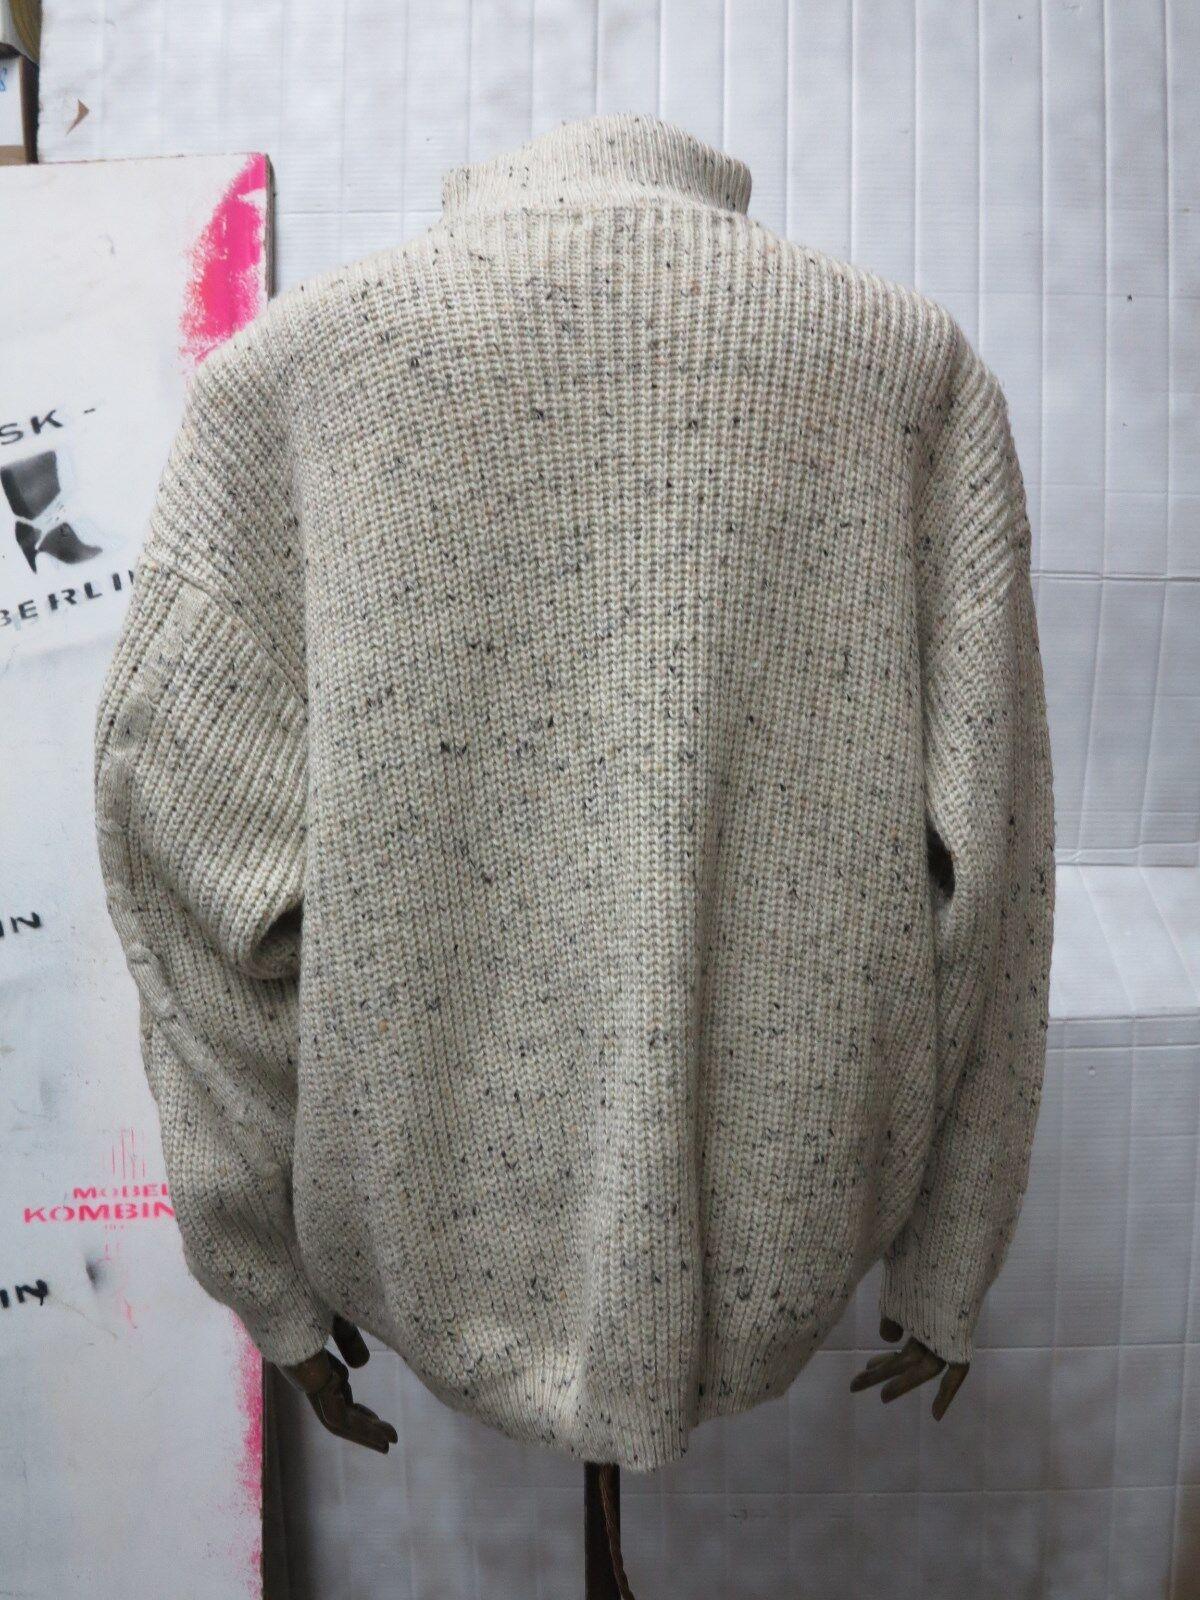 Berto LUCCI Uomo Lavorazione a Maglia Maglia Maglia Pullover Pullover 90er True Vintage 90s WOOL JUMPER c3128a